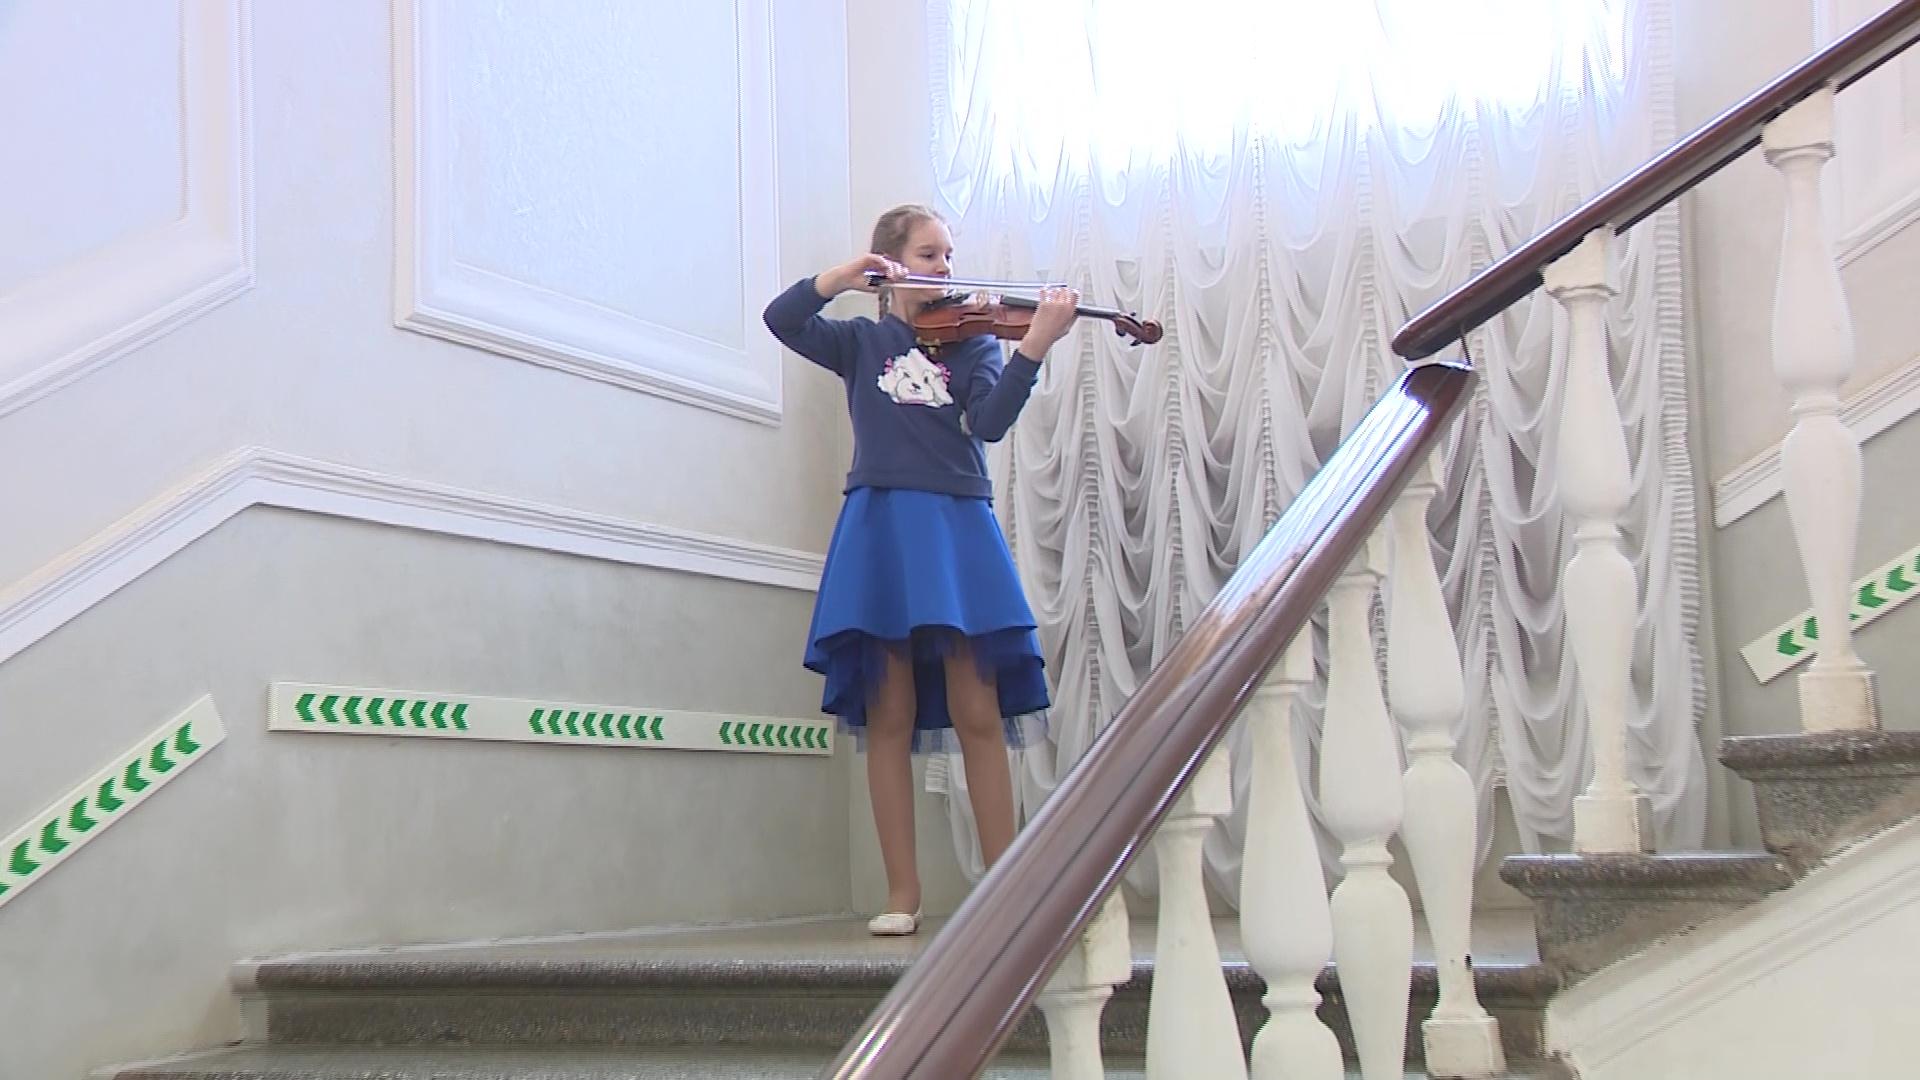 Будущее ярославской культуры: в филармонии наградили лучших юных музыкантов